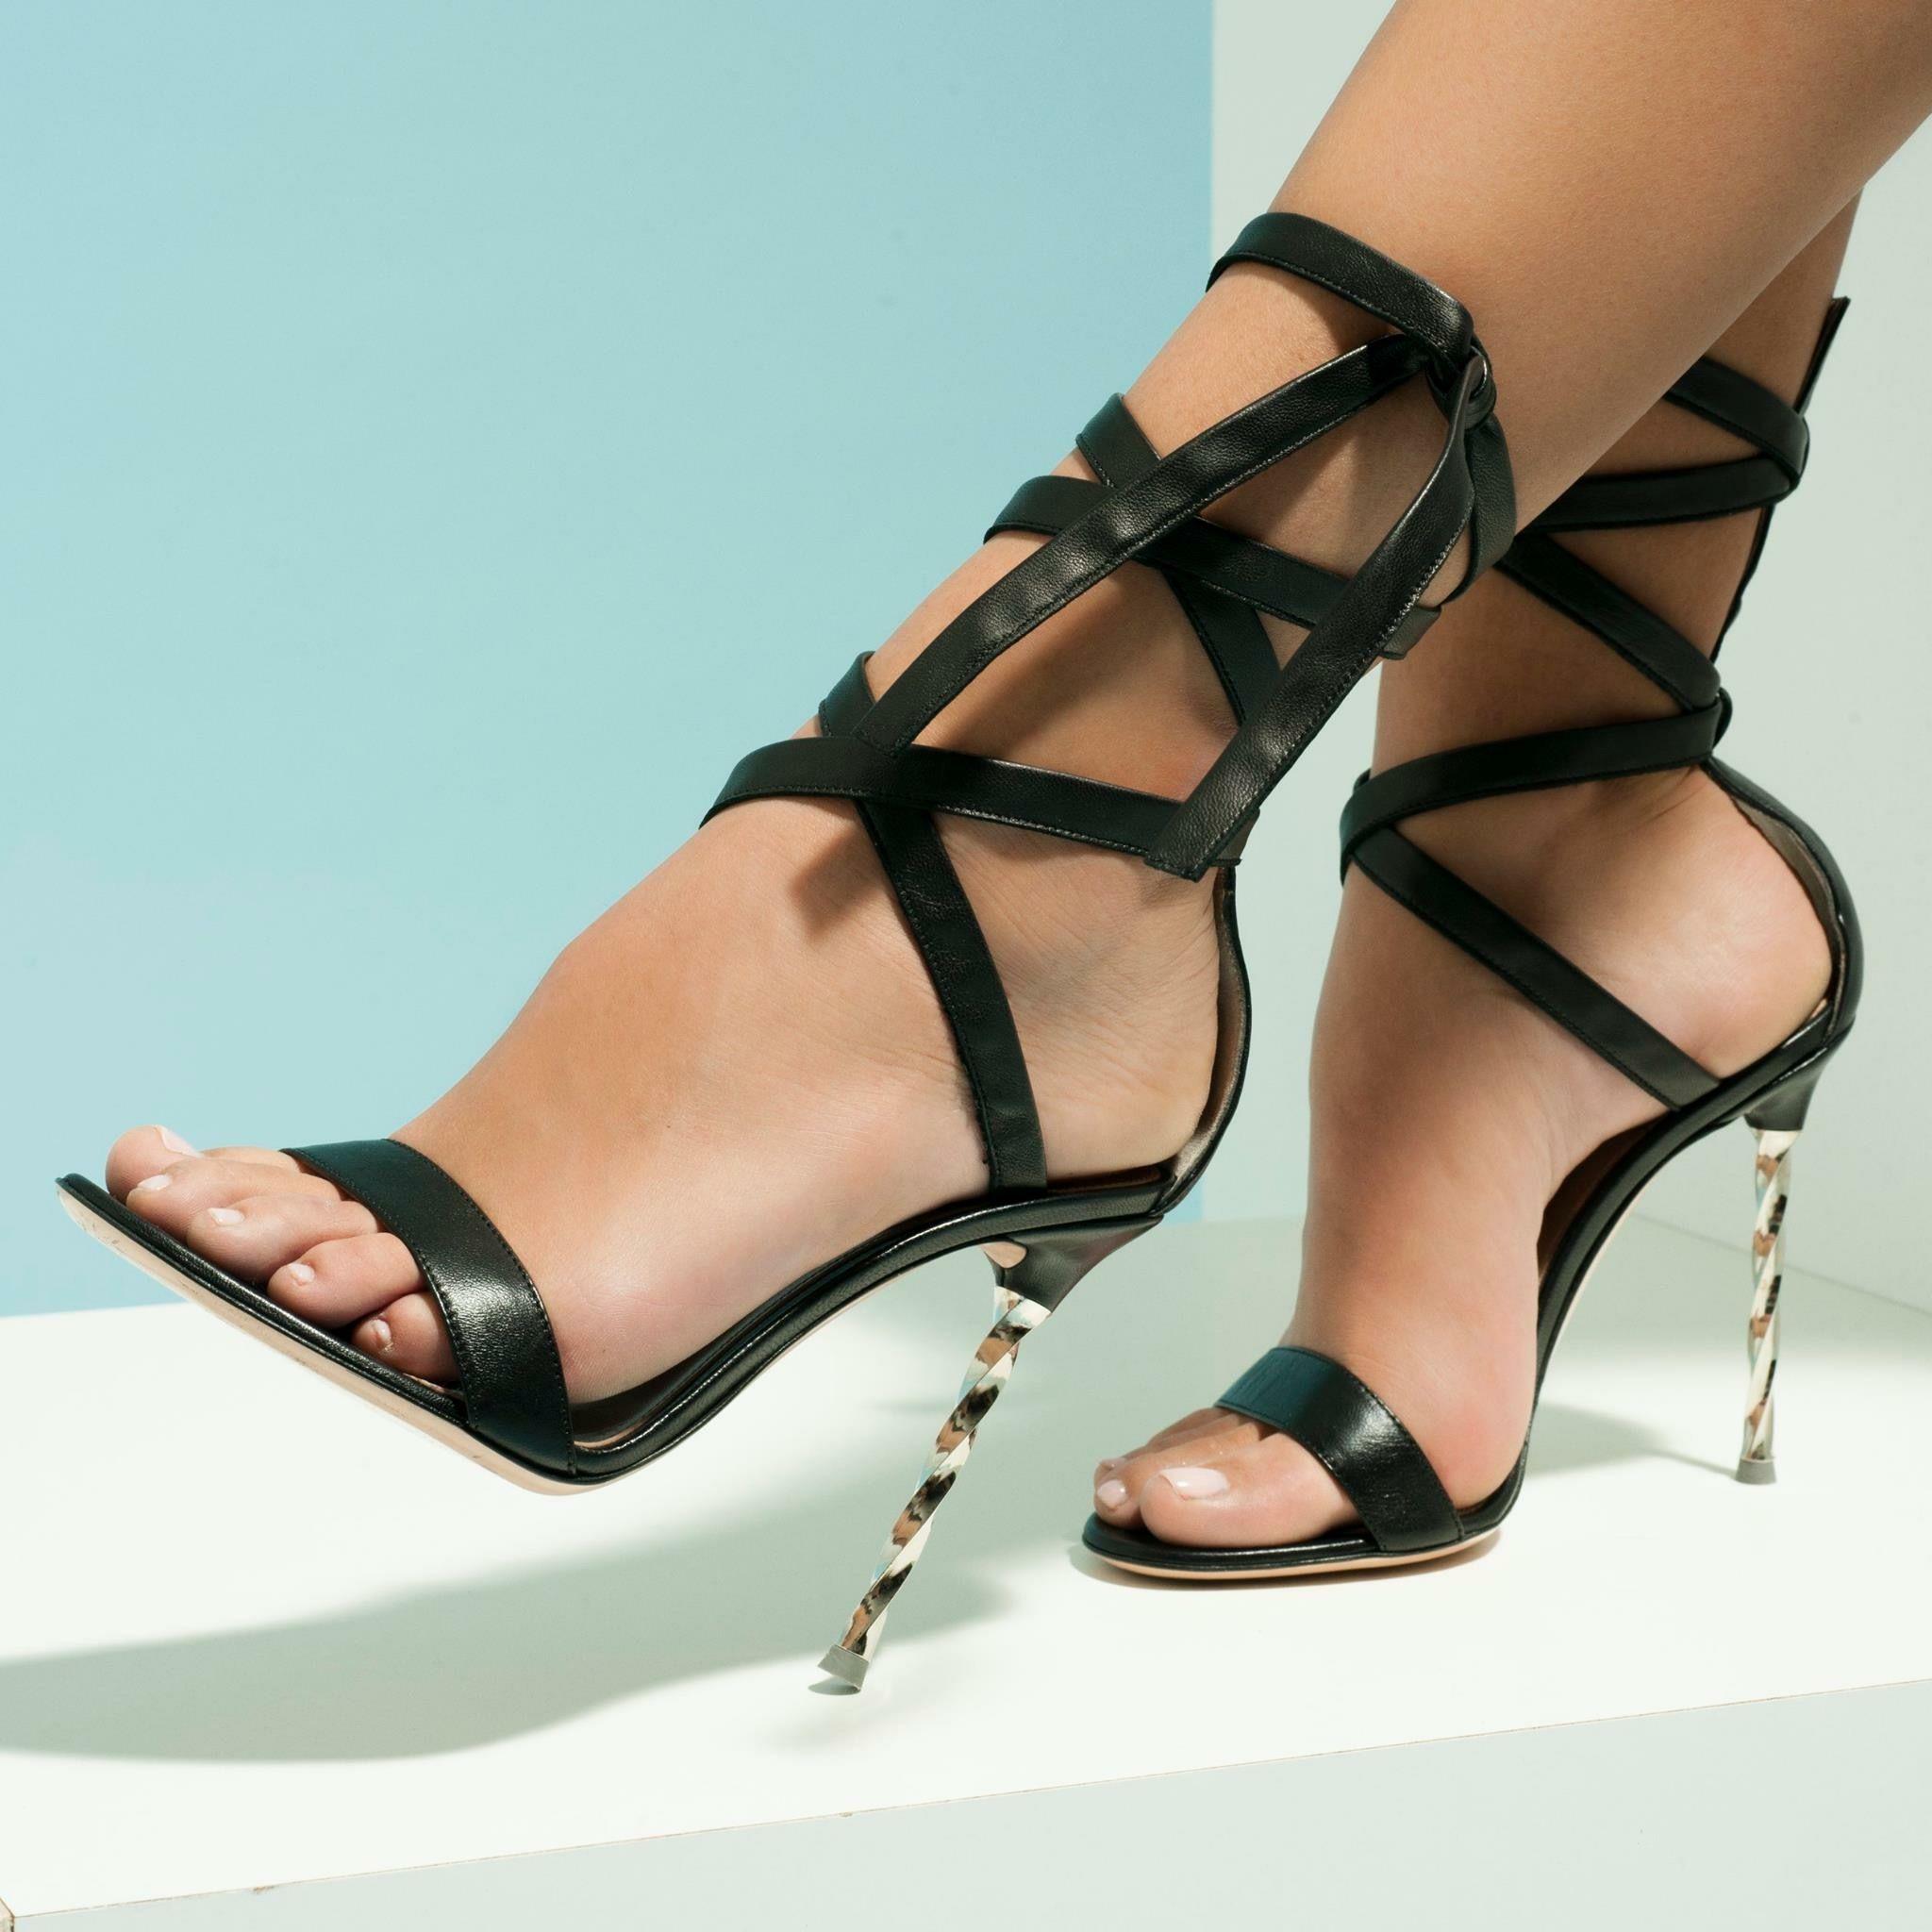 Gianvito Rossi · Stiletto ShoesWomen's ...